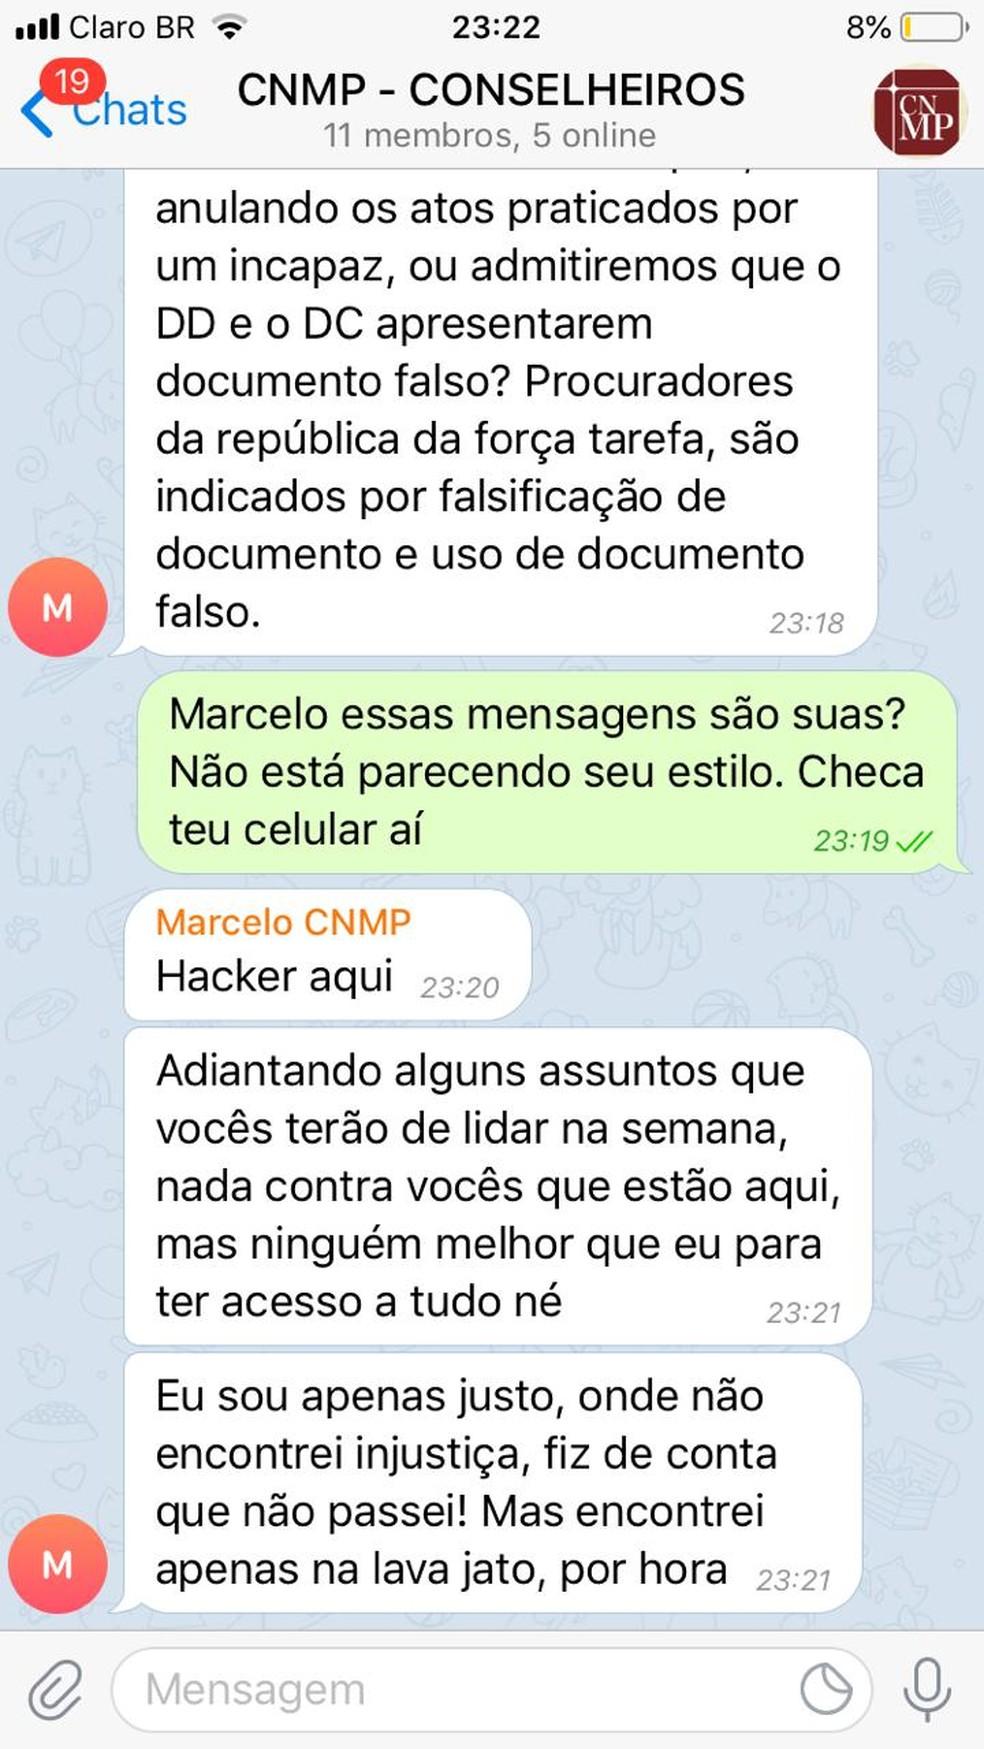 Reprodução de troca de mensagens de hacker com procurador — Foto: Reprodução